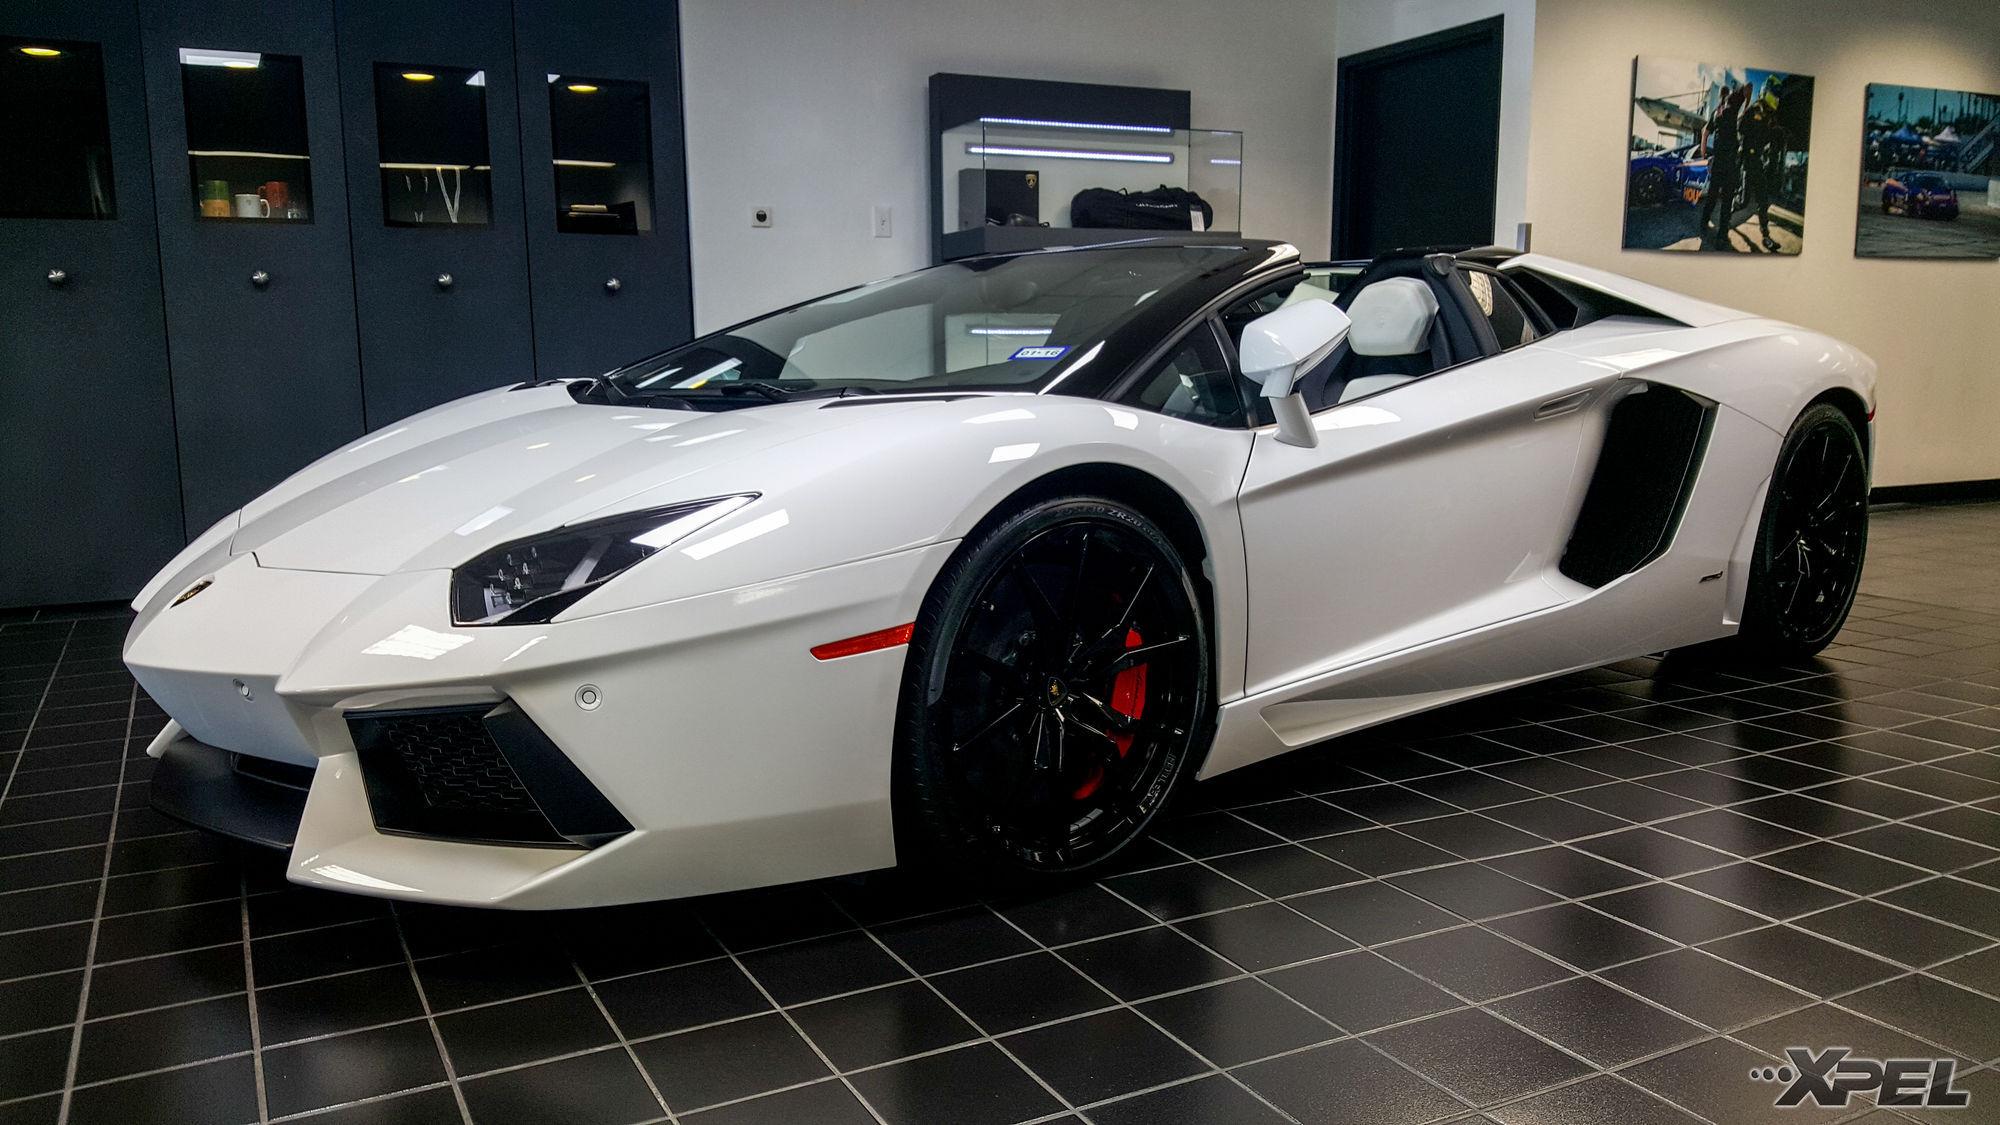 Lamborghini Aventador | XPEL ULTIMATE Clear Bra Installation